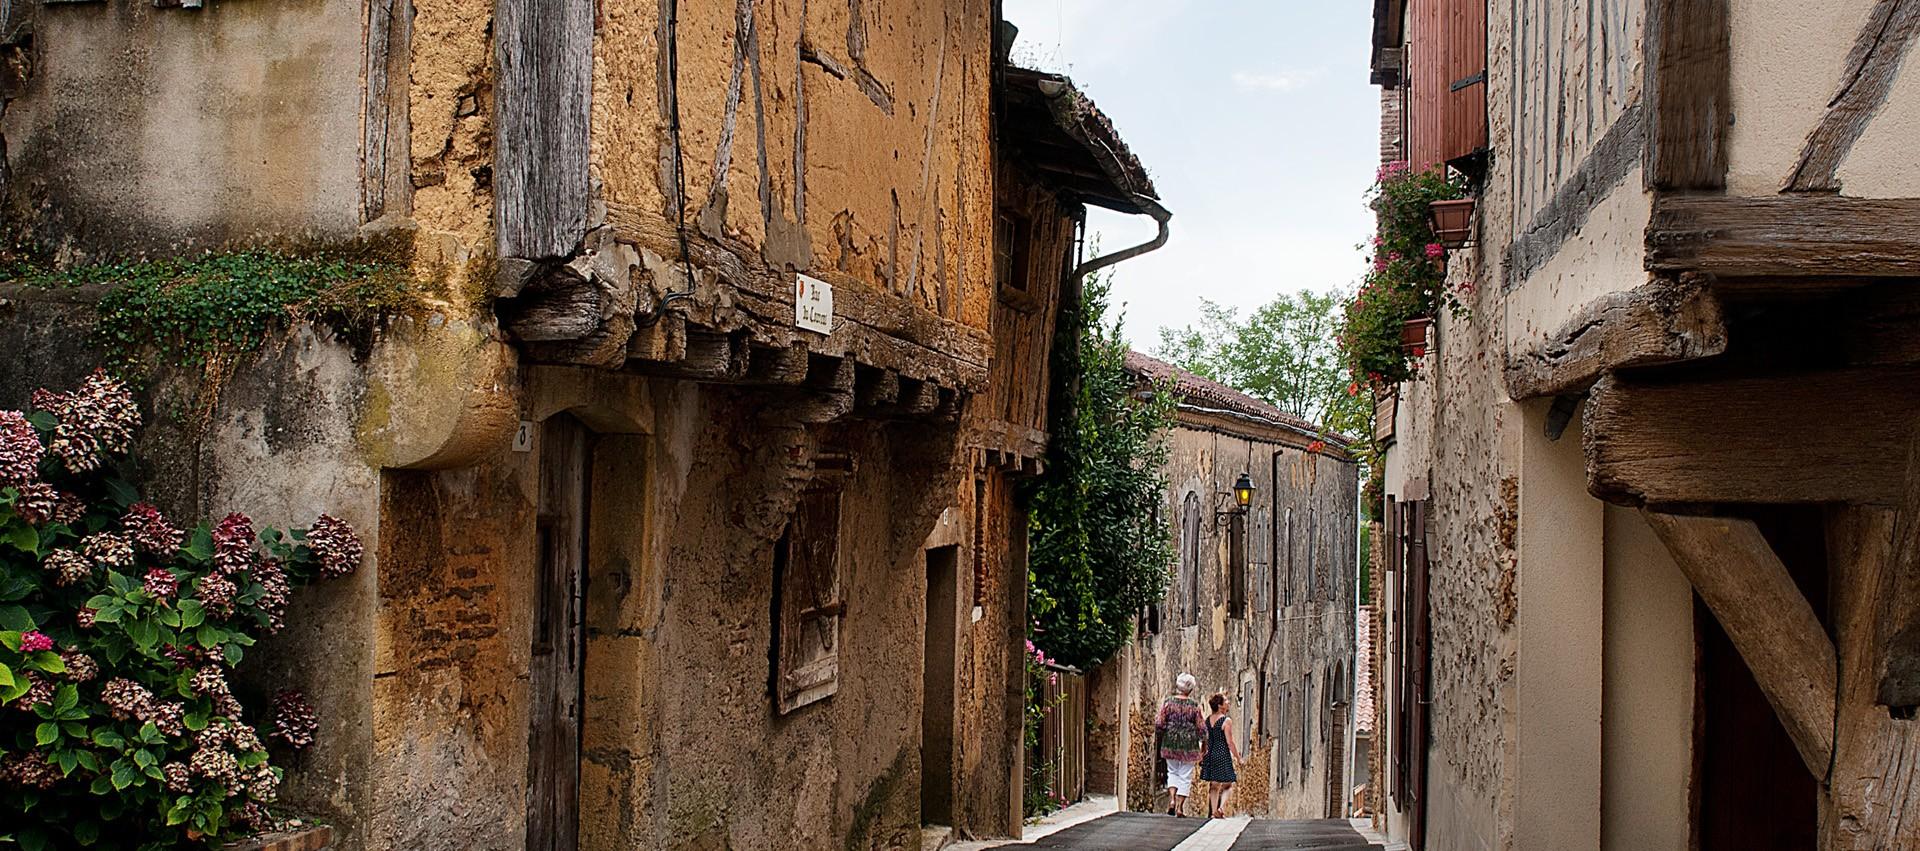 village-642